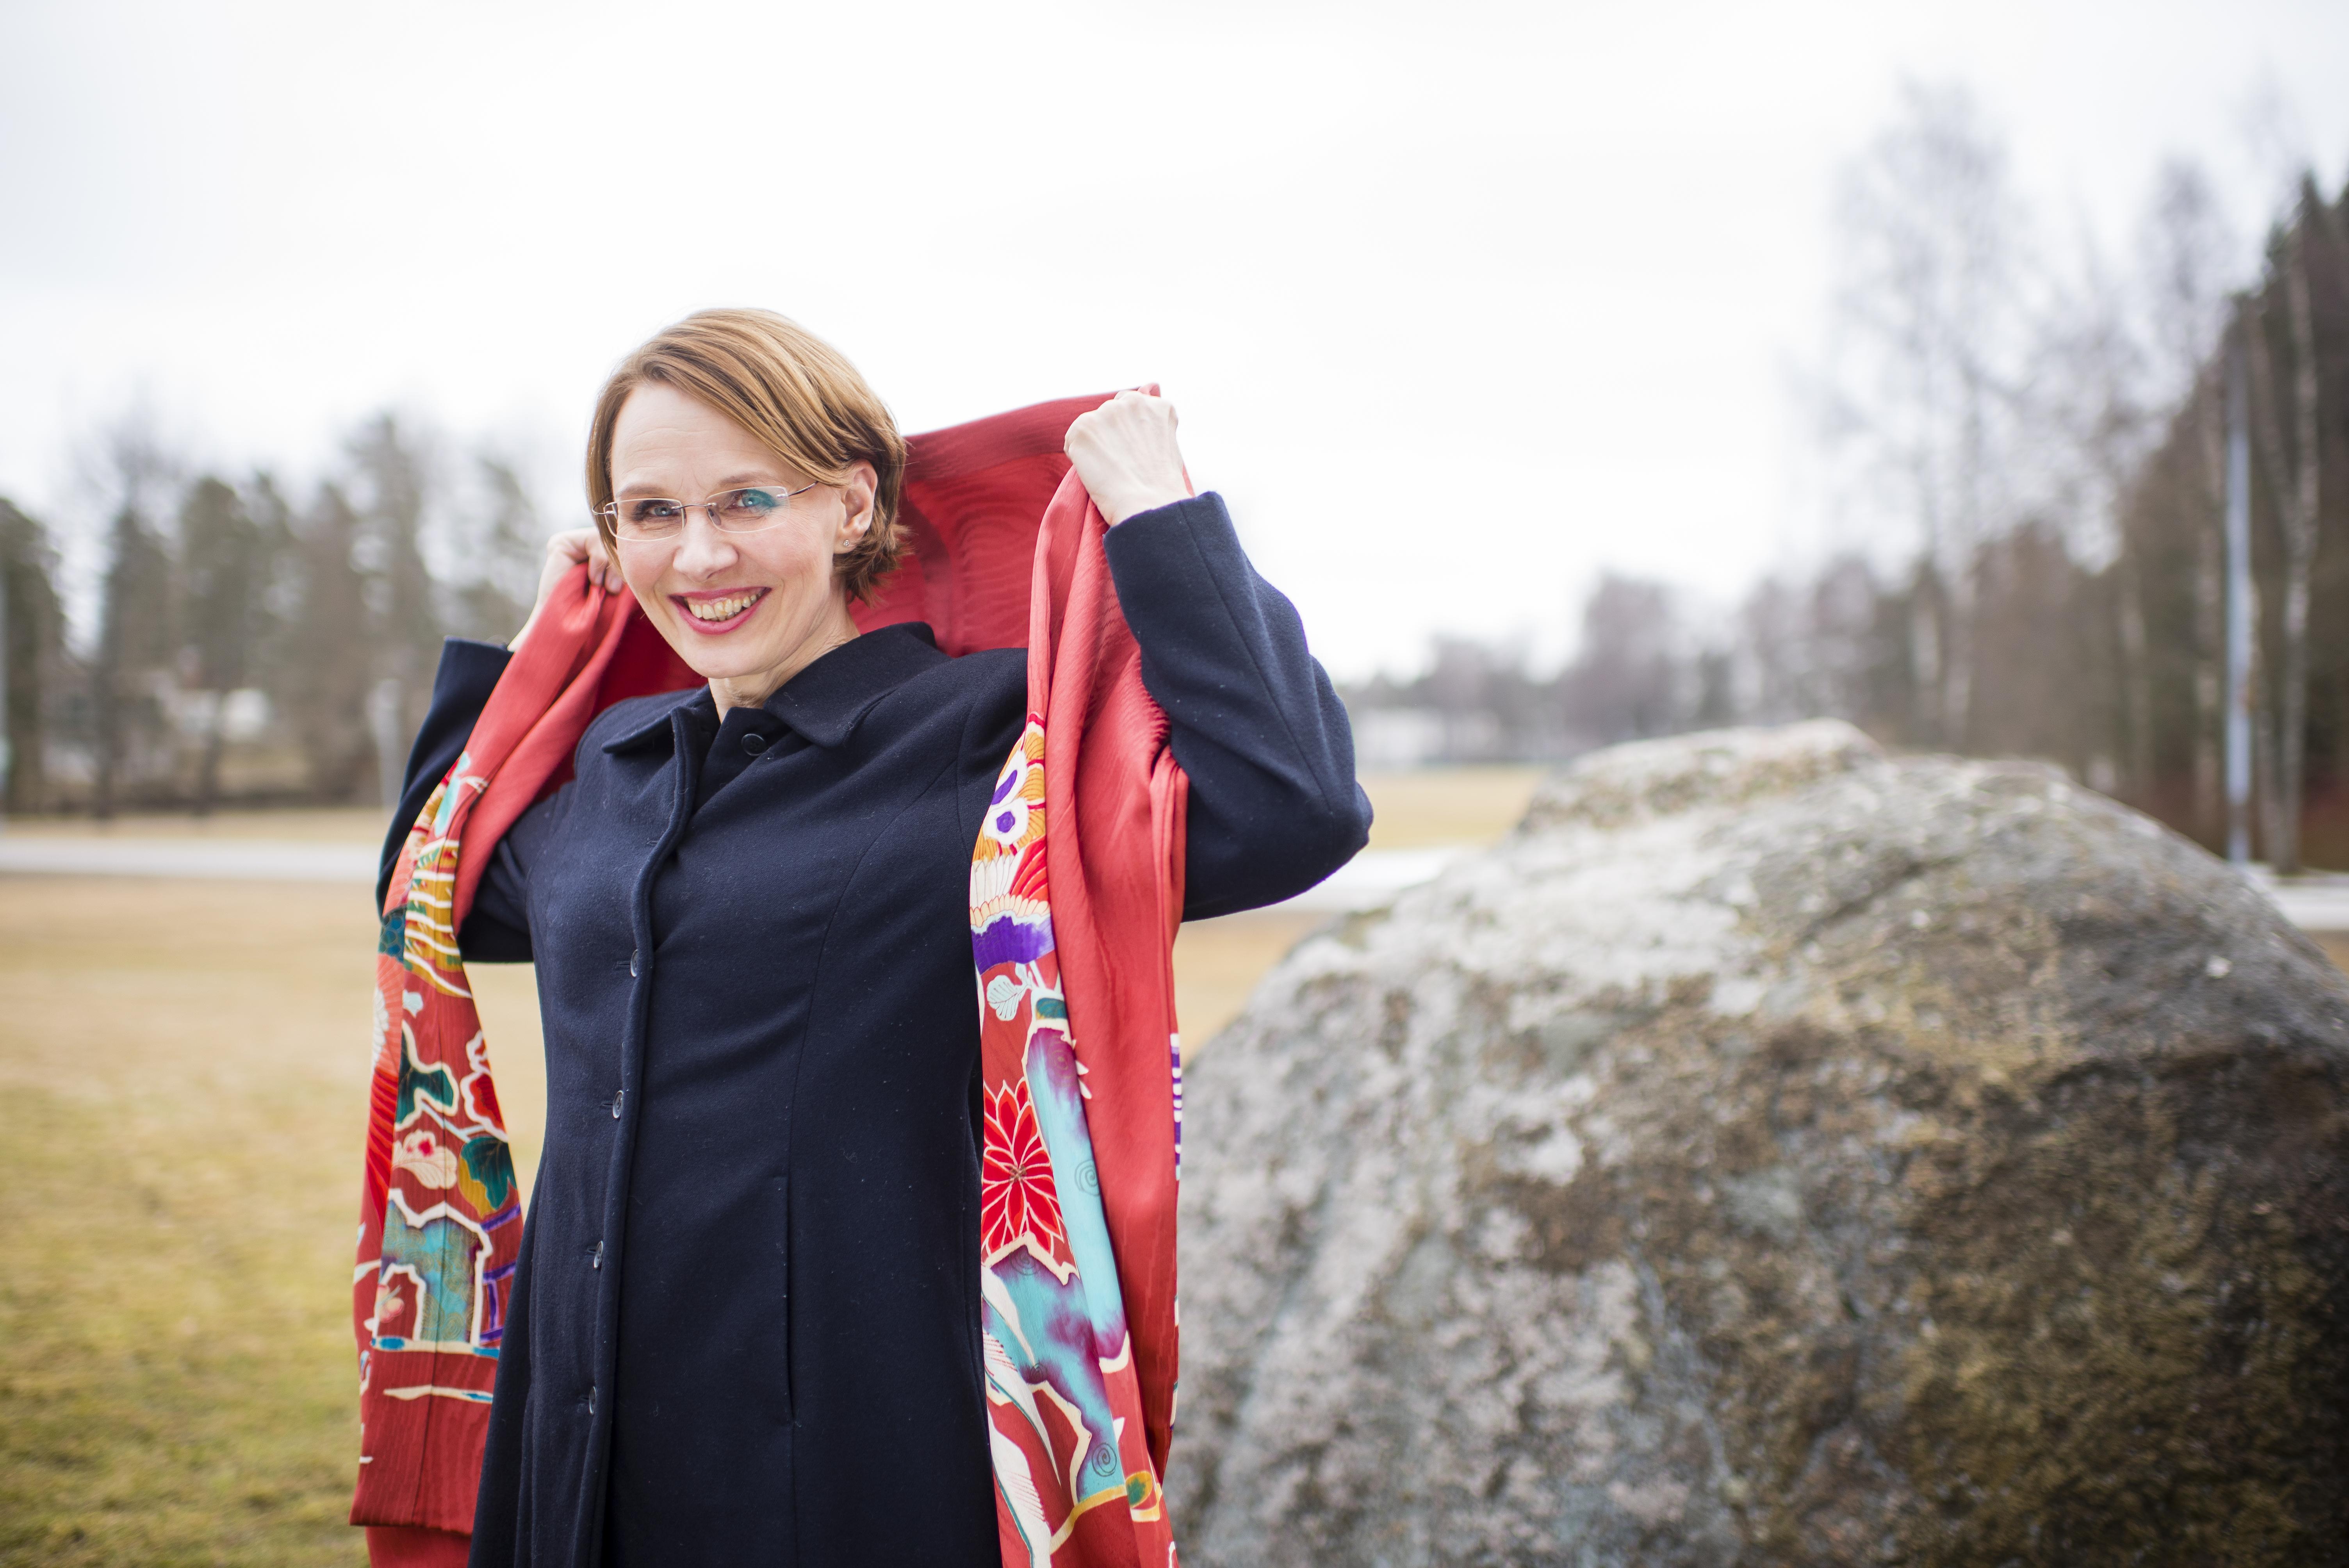 Minna Eväsoja on teettänyt vanhasta silkkikimonosta kauniin hartiahuivin.